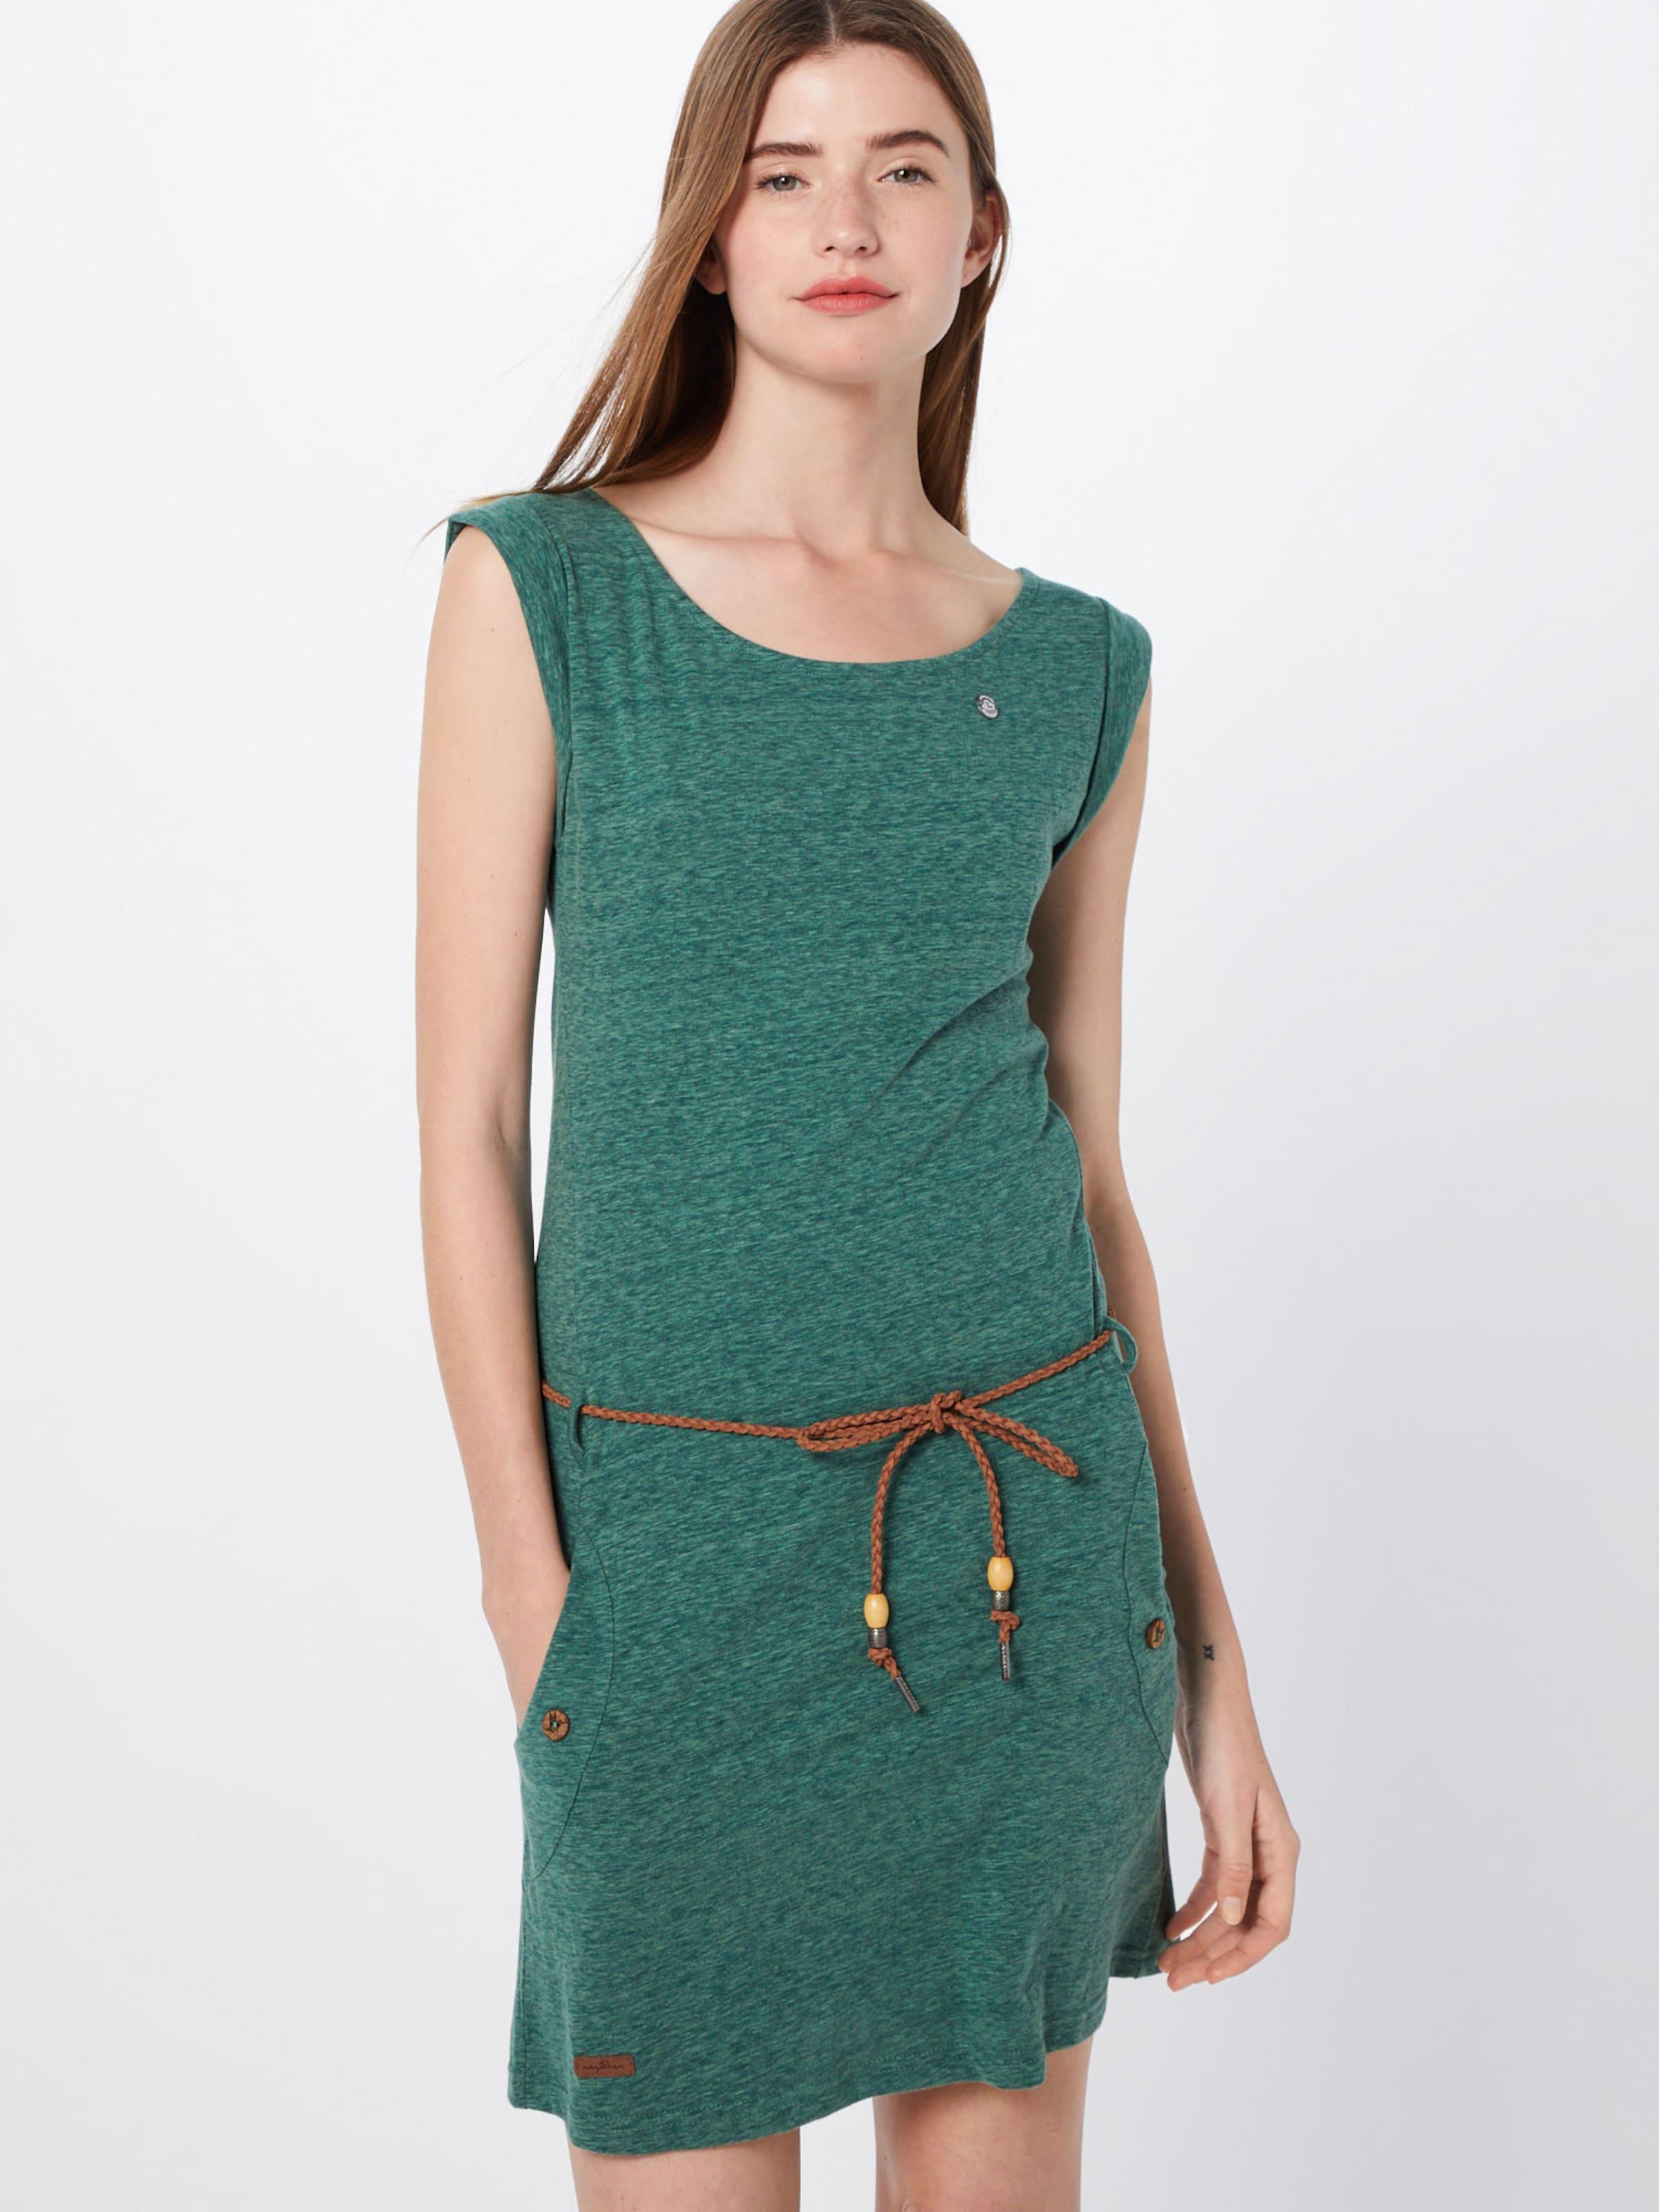 En Vert Robe Robe En Vert Ragwear 'tag' 'tag' Ragwear OkZTXiwuP